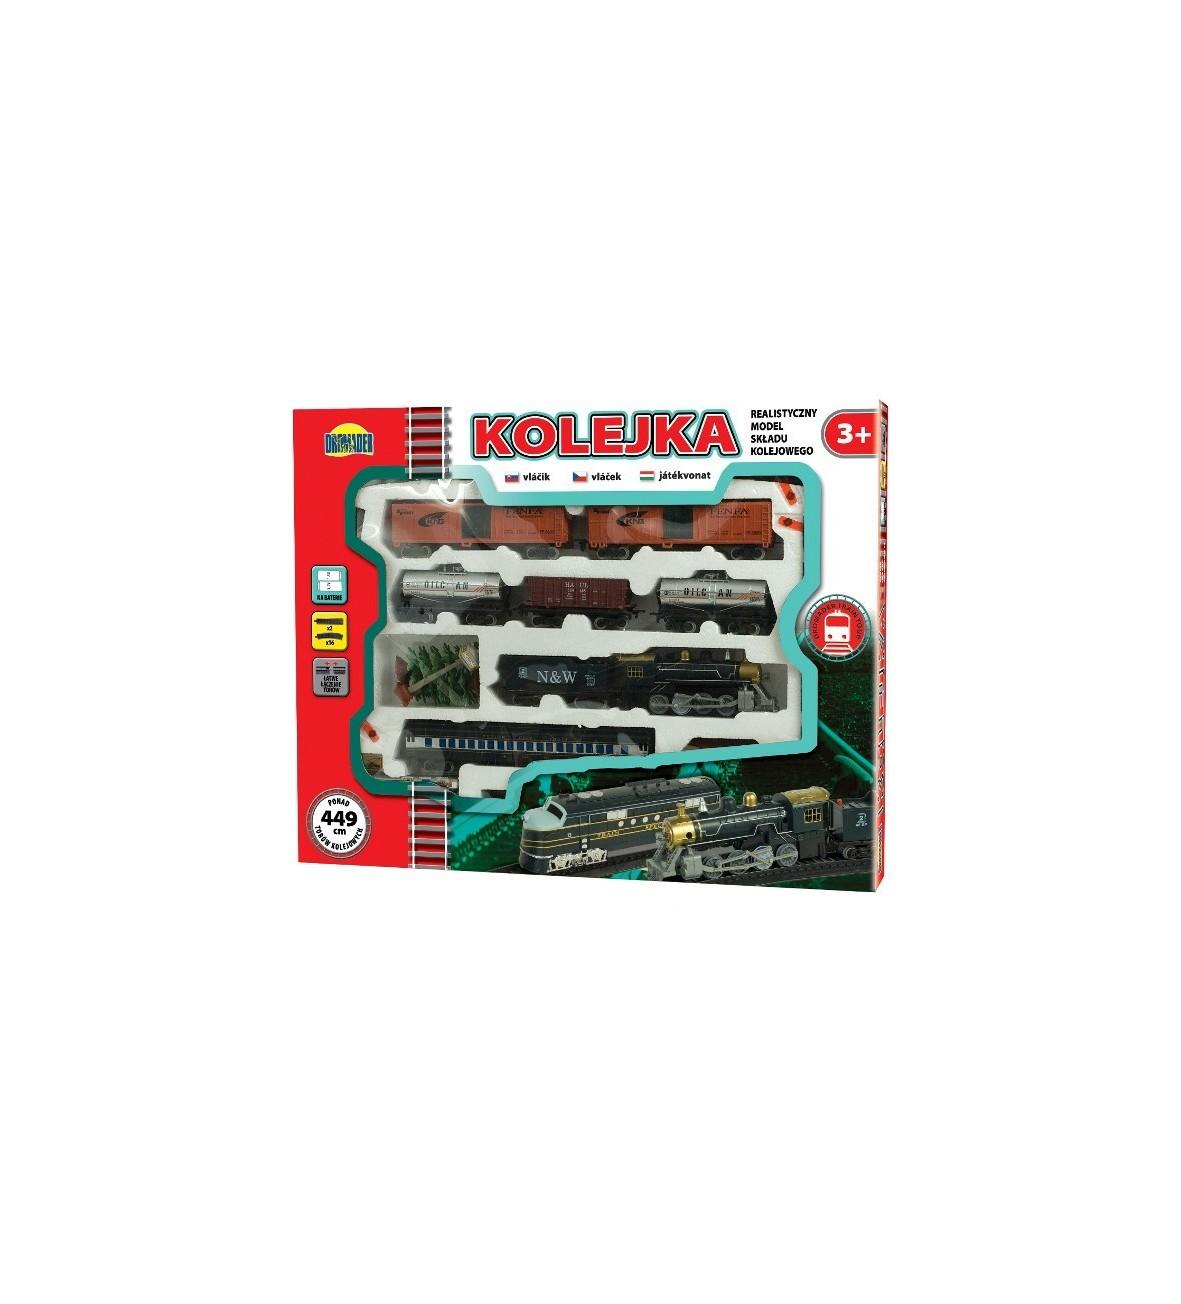 Kolejka Dromader - Wielki zestaw na baterie 449 cm torów 7 wagonów